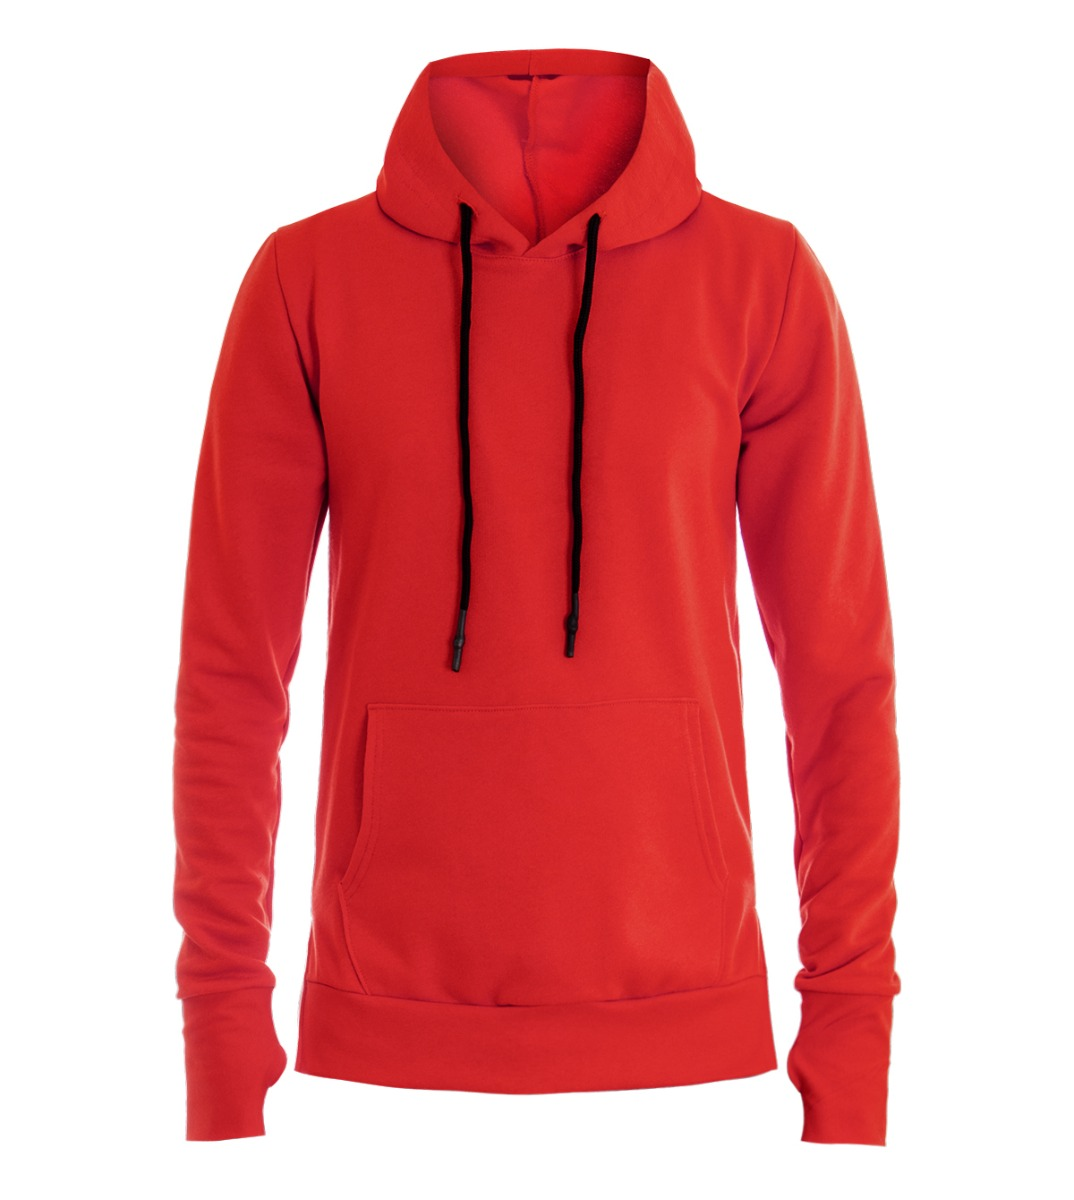 Détails sur Sweat Hommes à Capuche Couleur Unie Rouge Coton T Shirt Manche Longue Mod Giosal